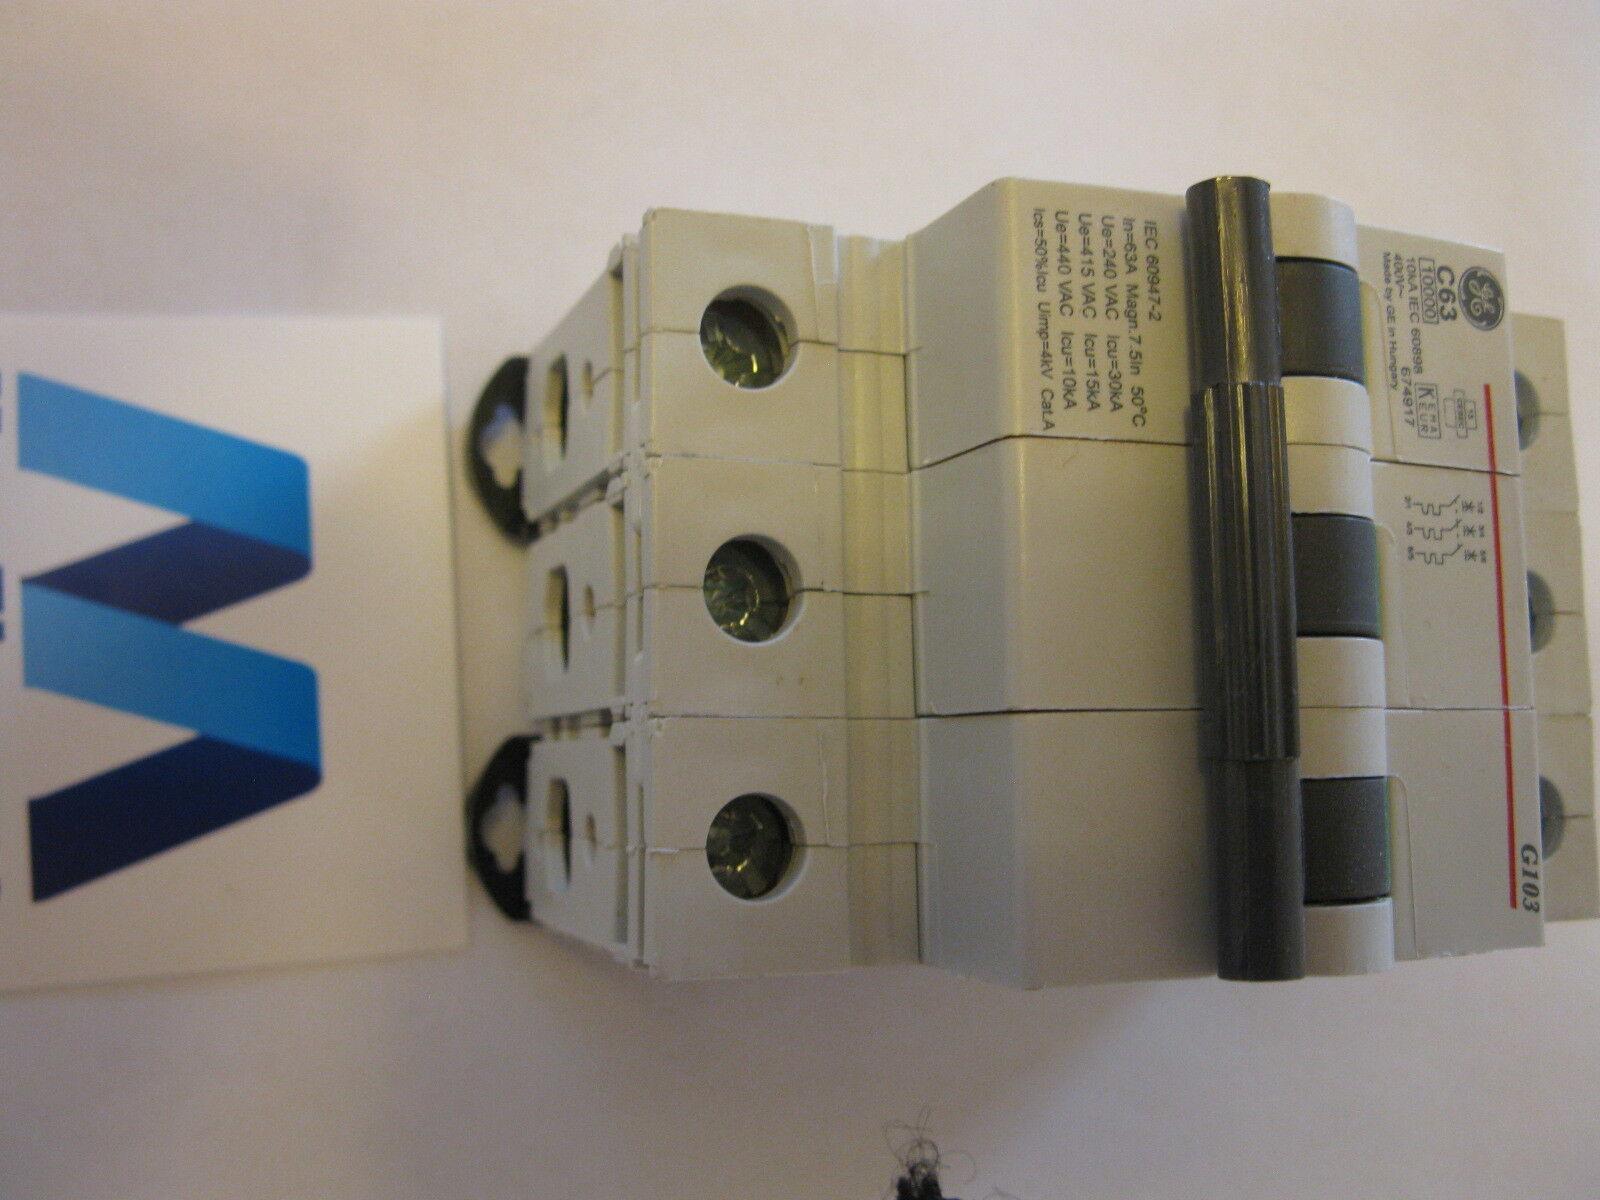 GENERAL ELECTRIC 10 AMP TYPE C 6 kA MCB CIRCUIT BREAKER SERIES ER 676755